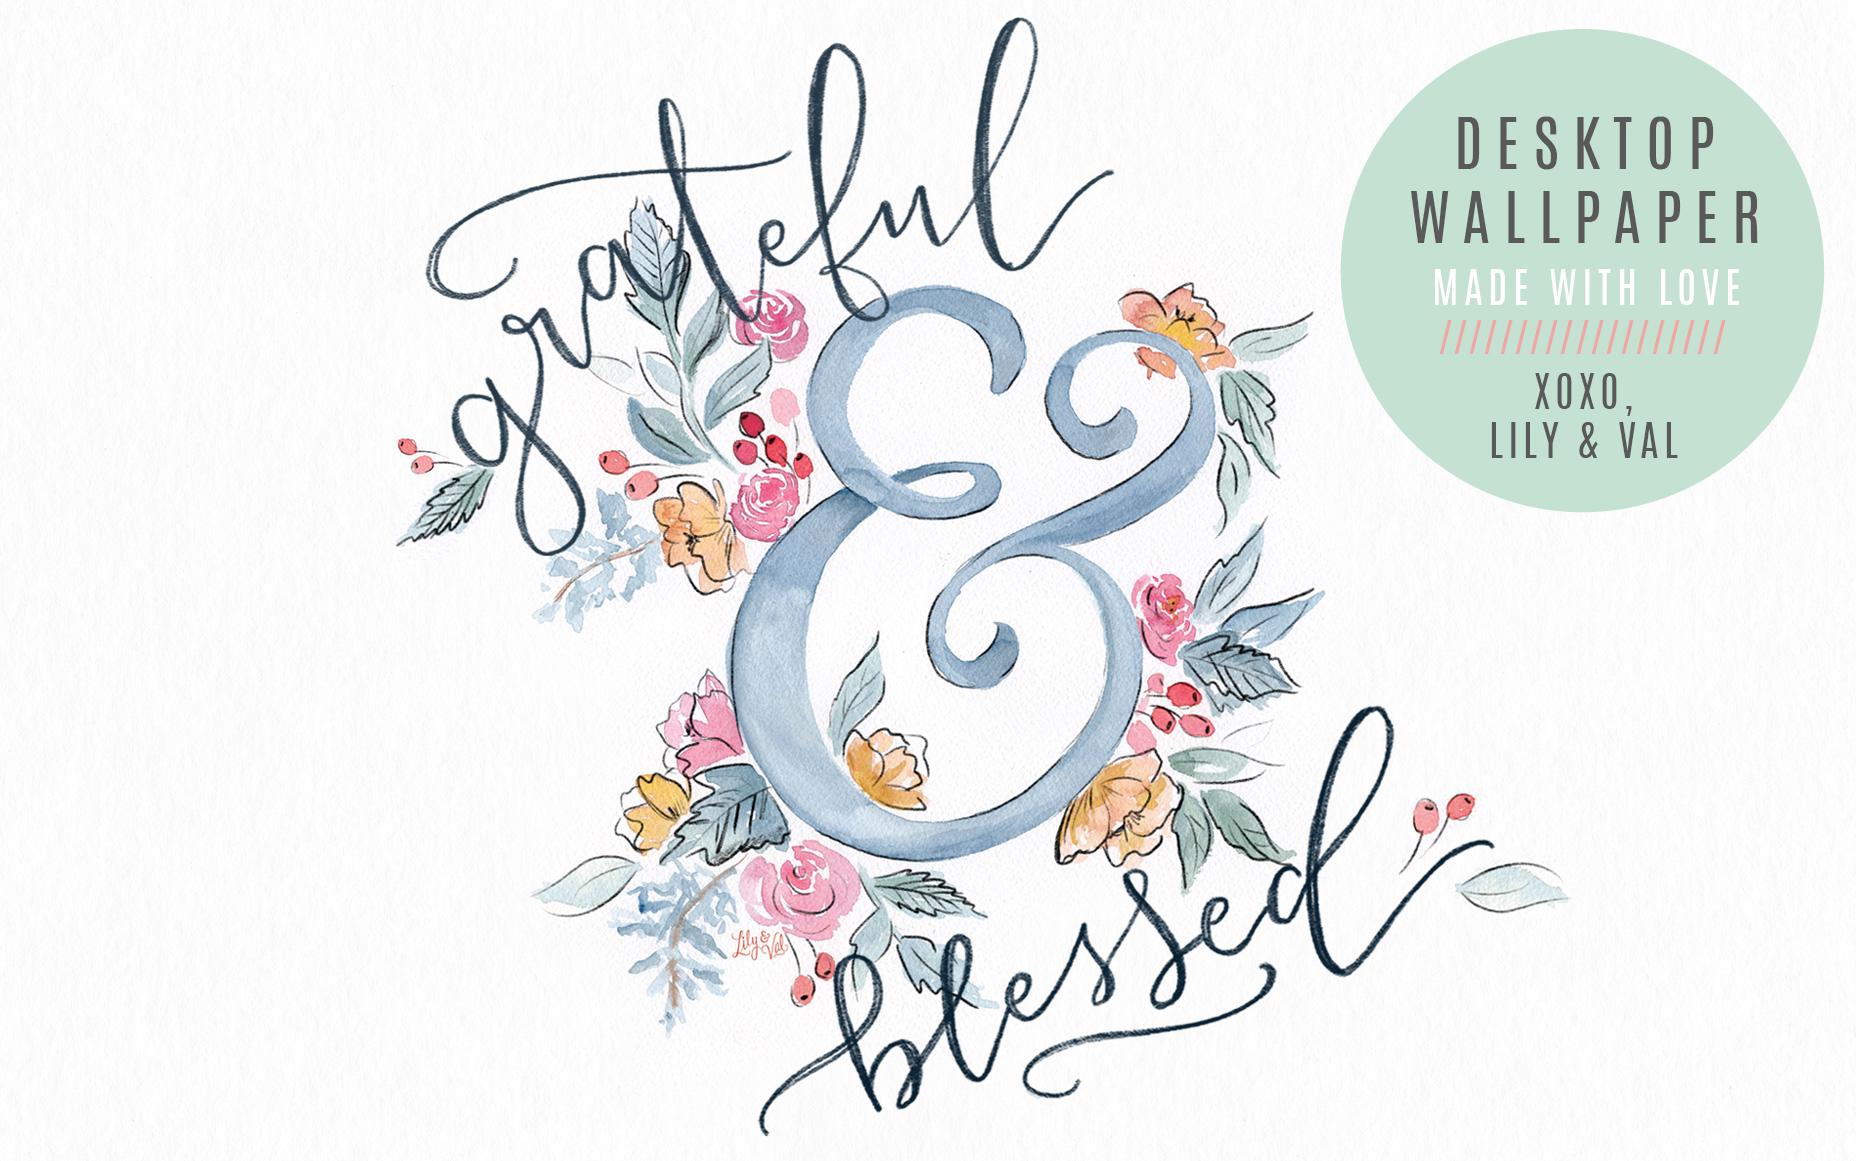 Grateful Blessed Free Desktop Wallpaper Download